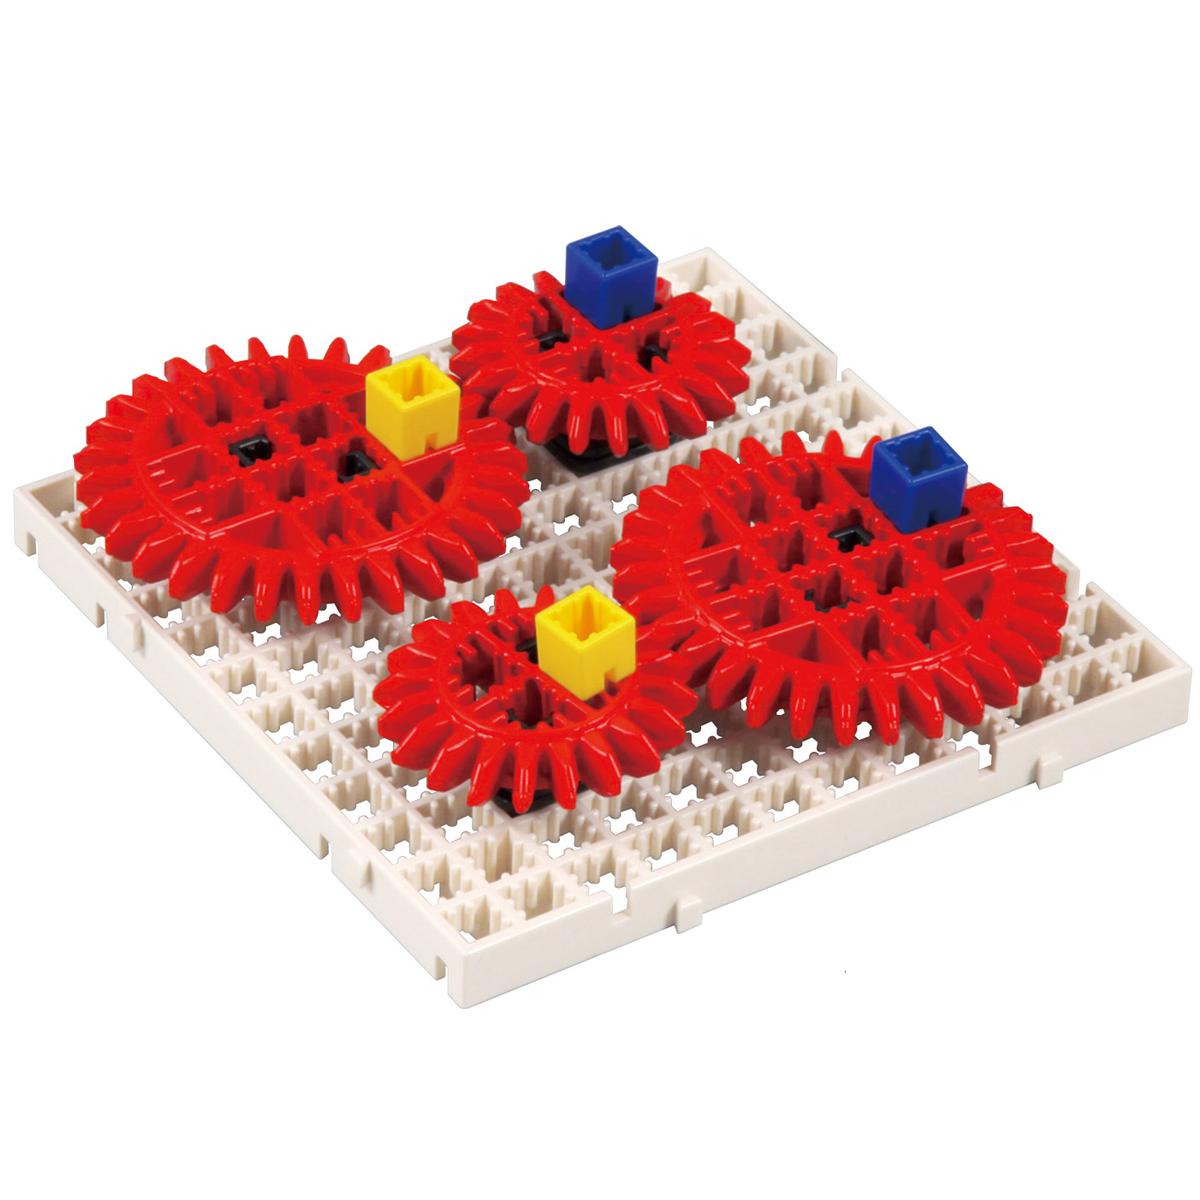 アーテックブロック部品 アーテックブロック ブロック かいてんギヤセット 歯車 日本製 知育玩具 動力伝達 学習 運動のしくみ 理科 レゴ・レゴブロックのように遊べます パーツ クリスマスプレゼント